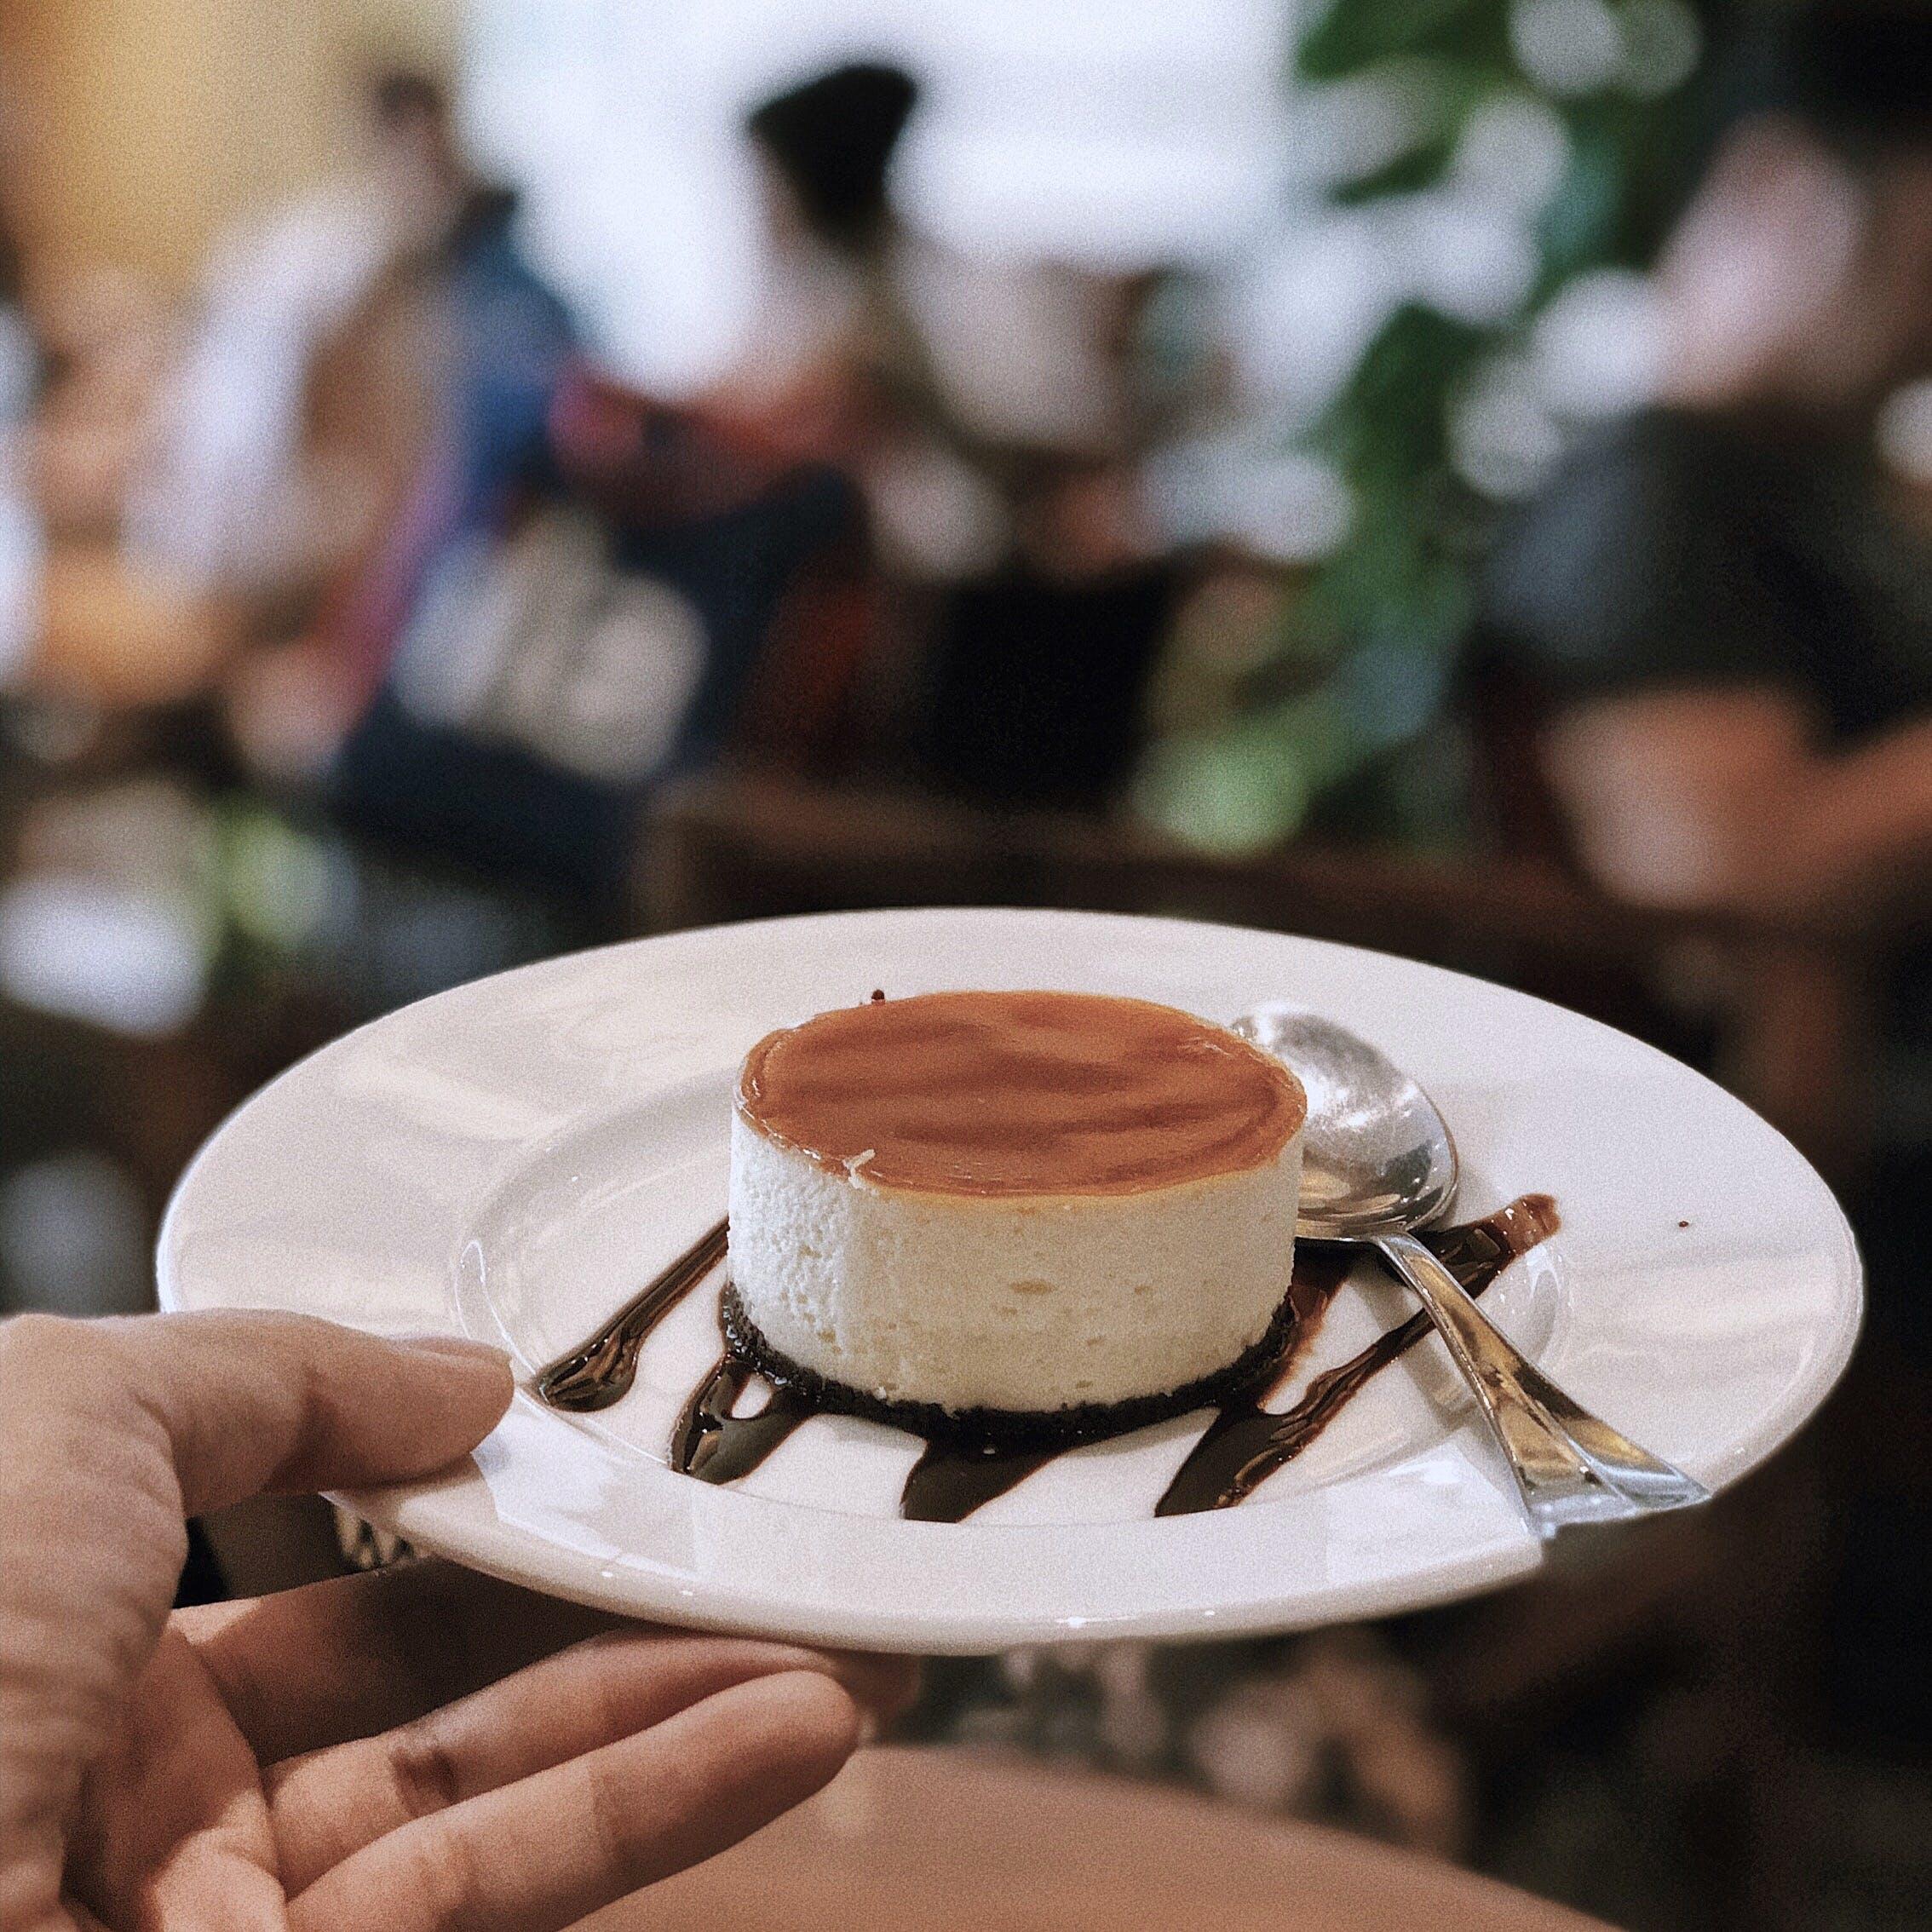 Δωρεάν στοκ φωτογραφιών με tiramisu, κέικ, κέικ κρέμας, τυρί